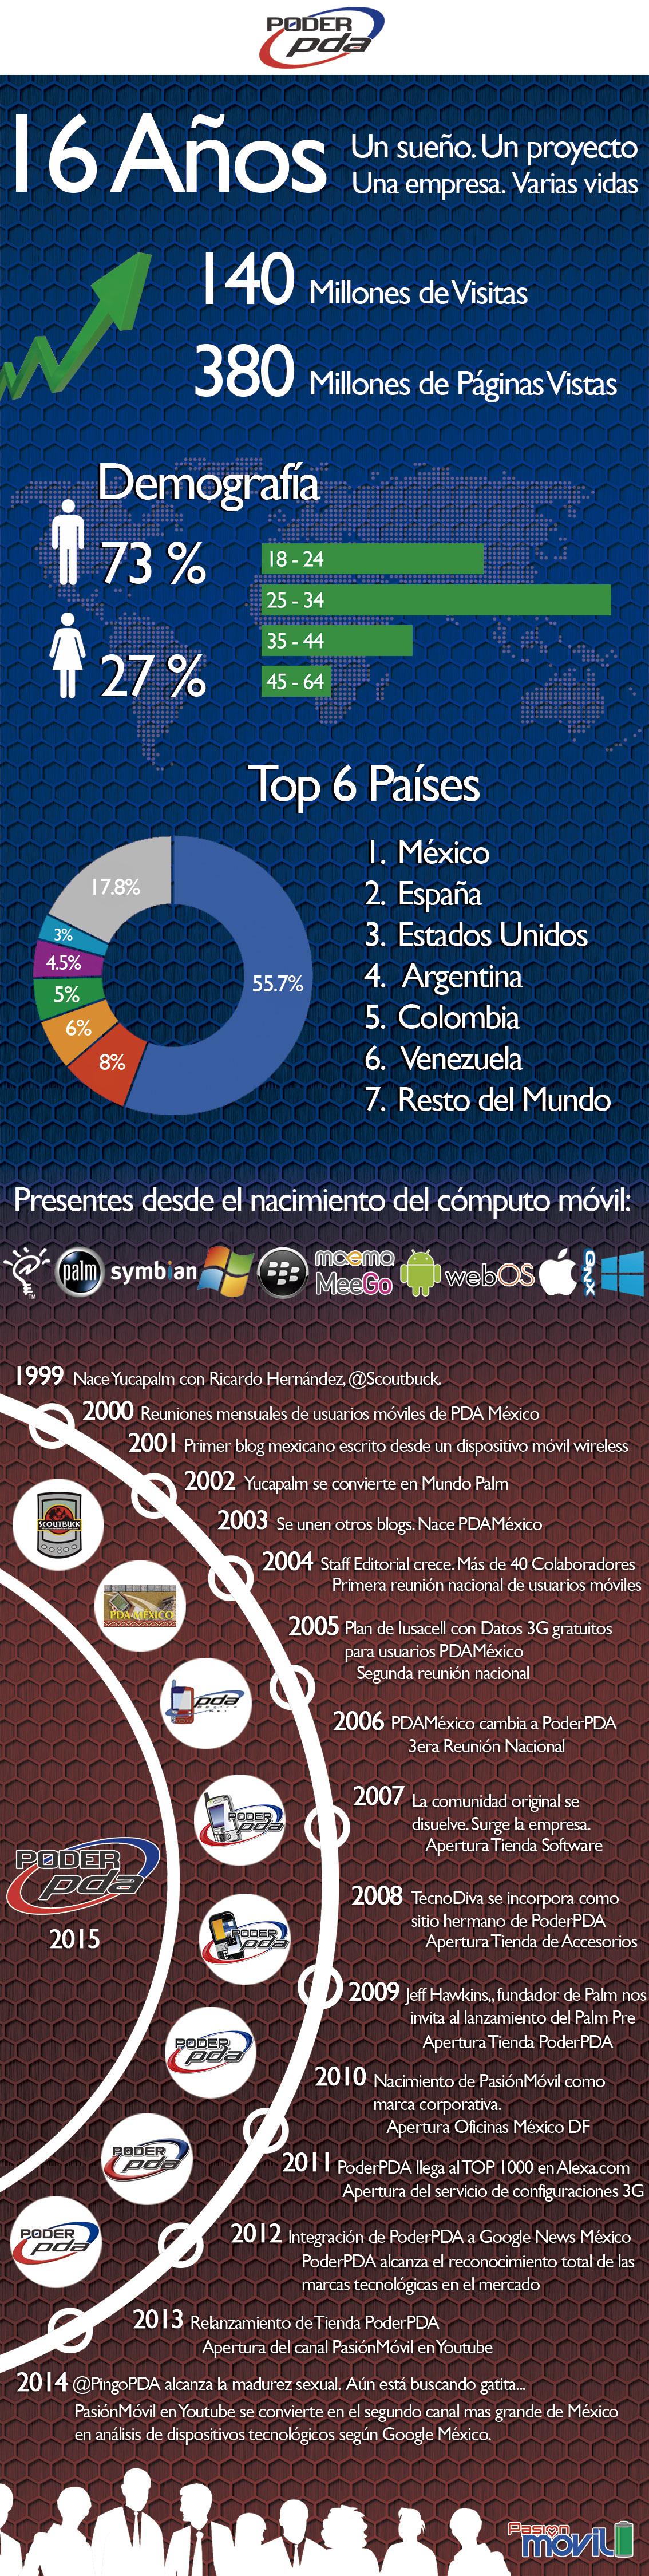 Infografia_PoderPDA-2015